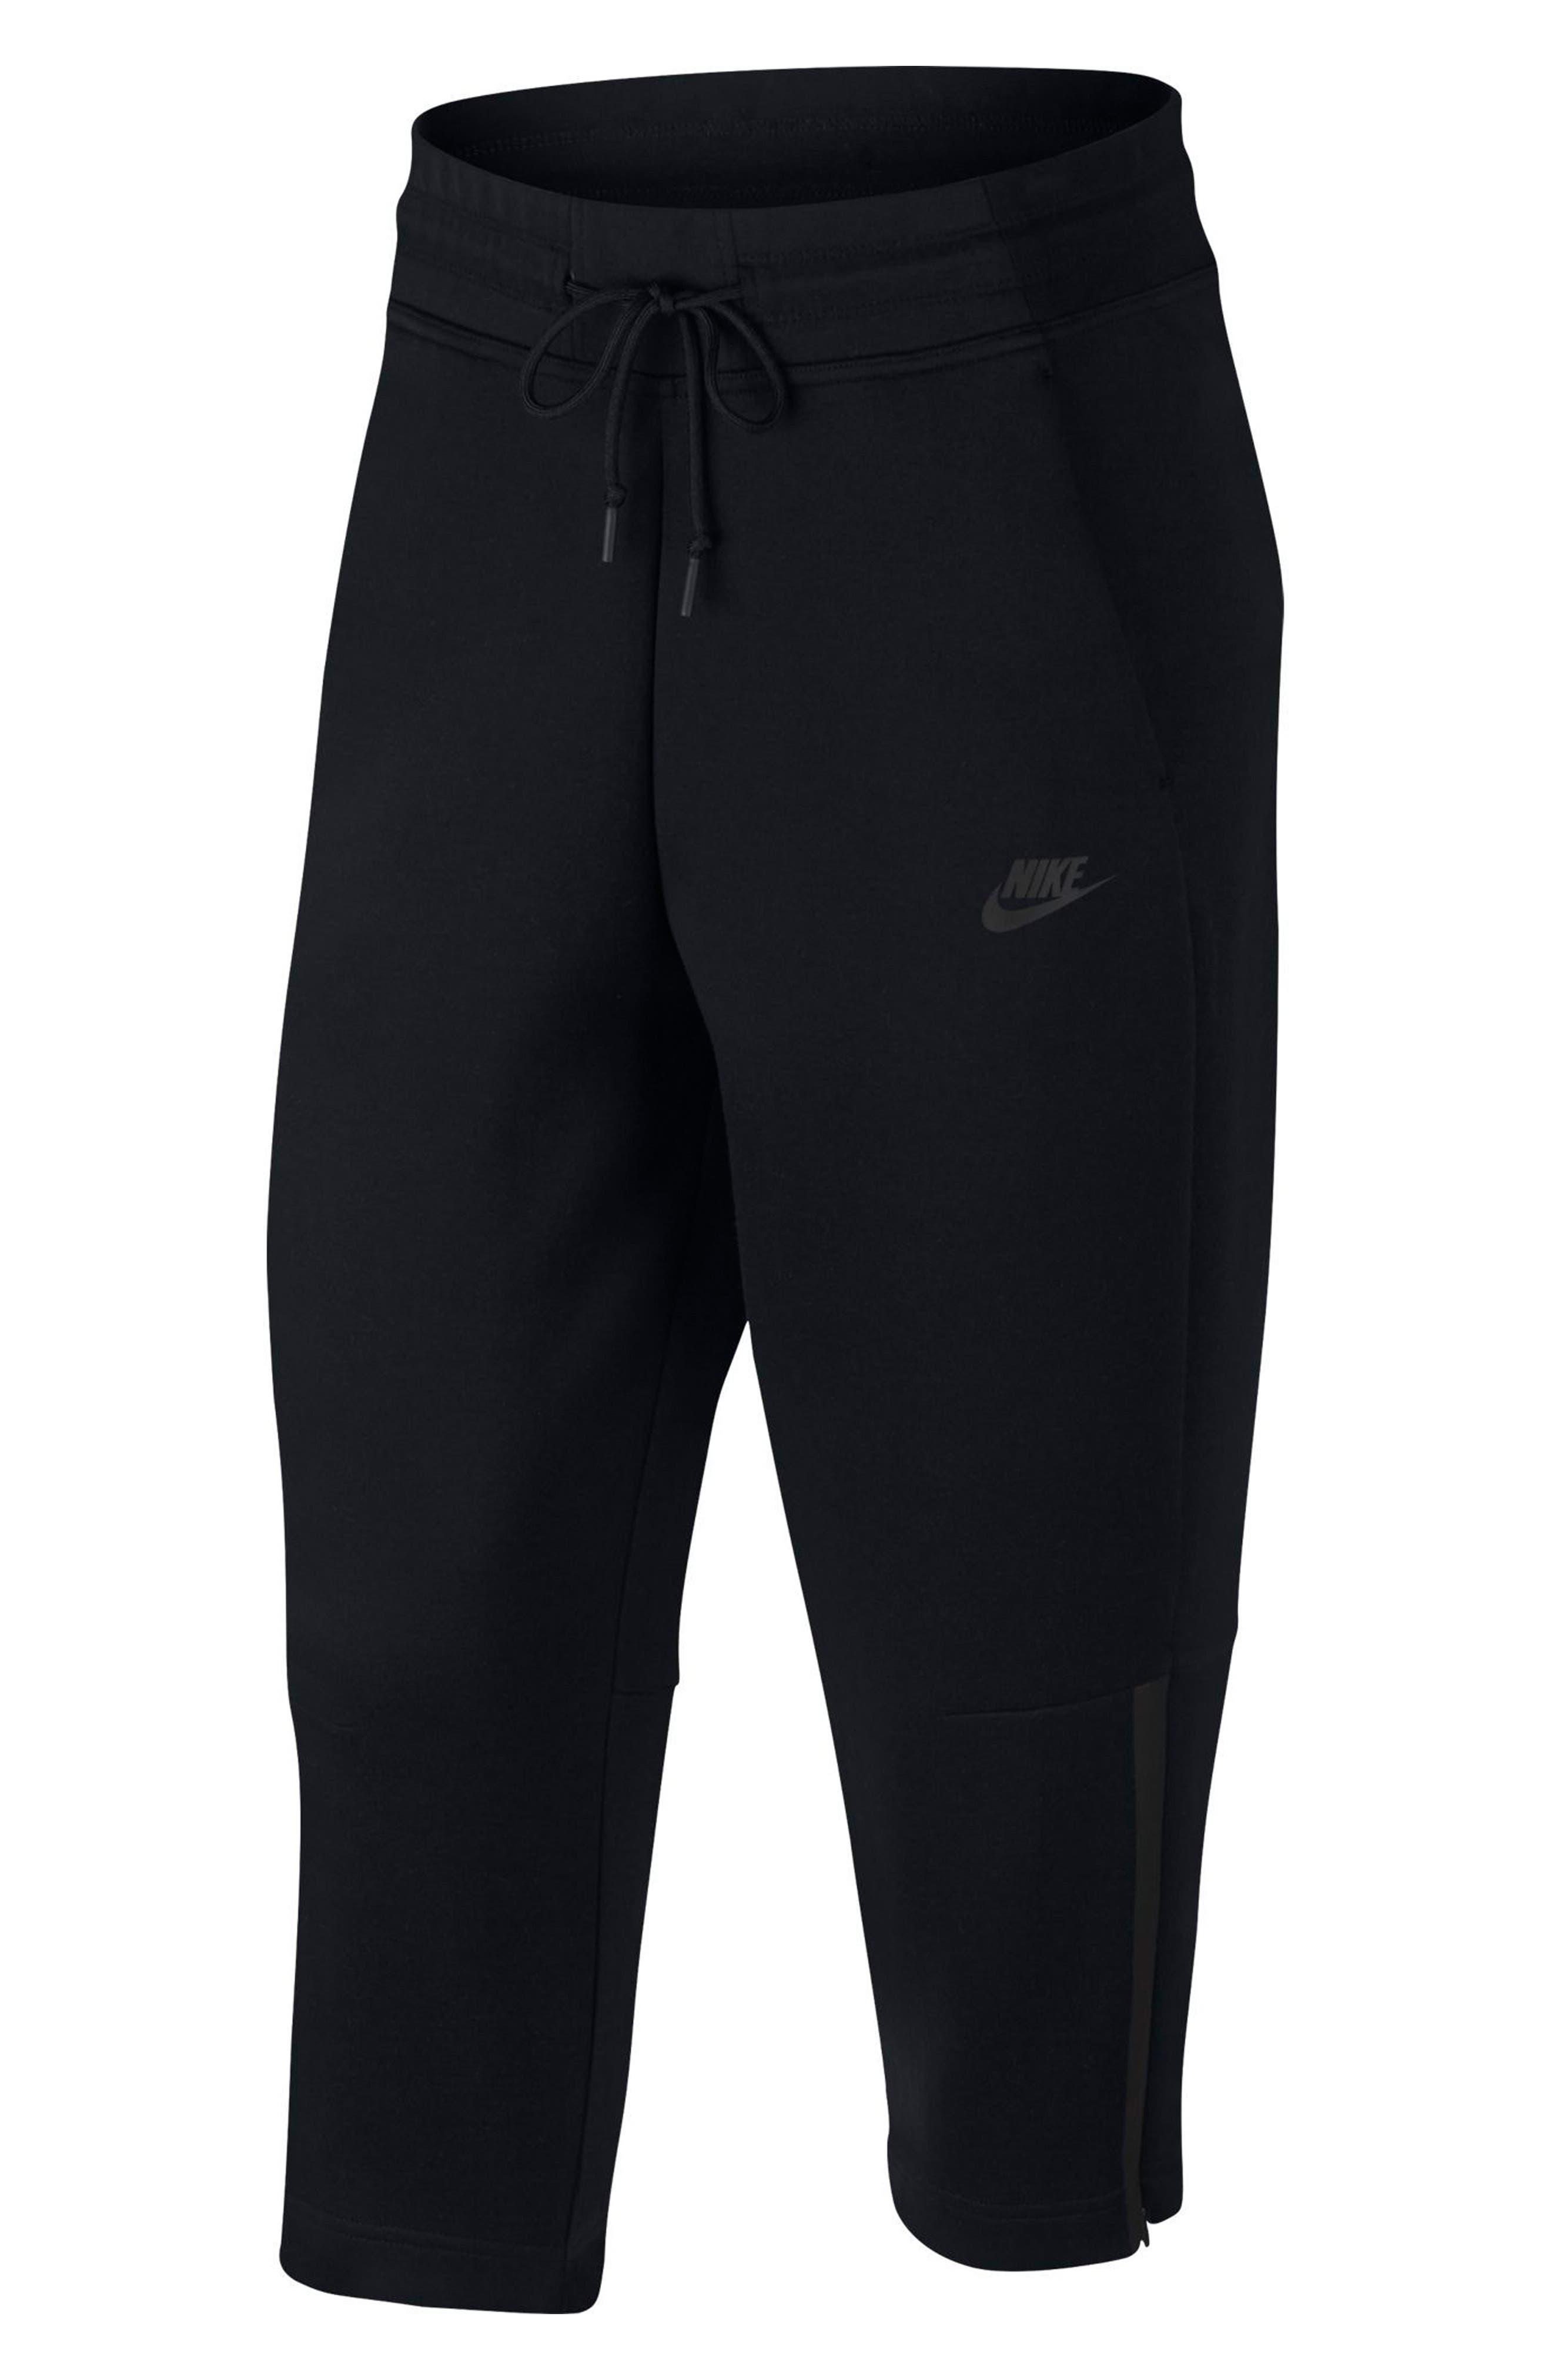 Sportswear Women's Tech Fleece Sneaker Pants,                             Alternate thumbnail 8, color,                             Black/ Black